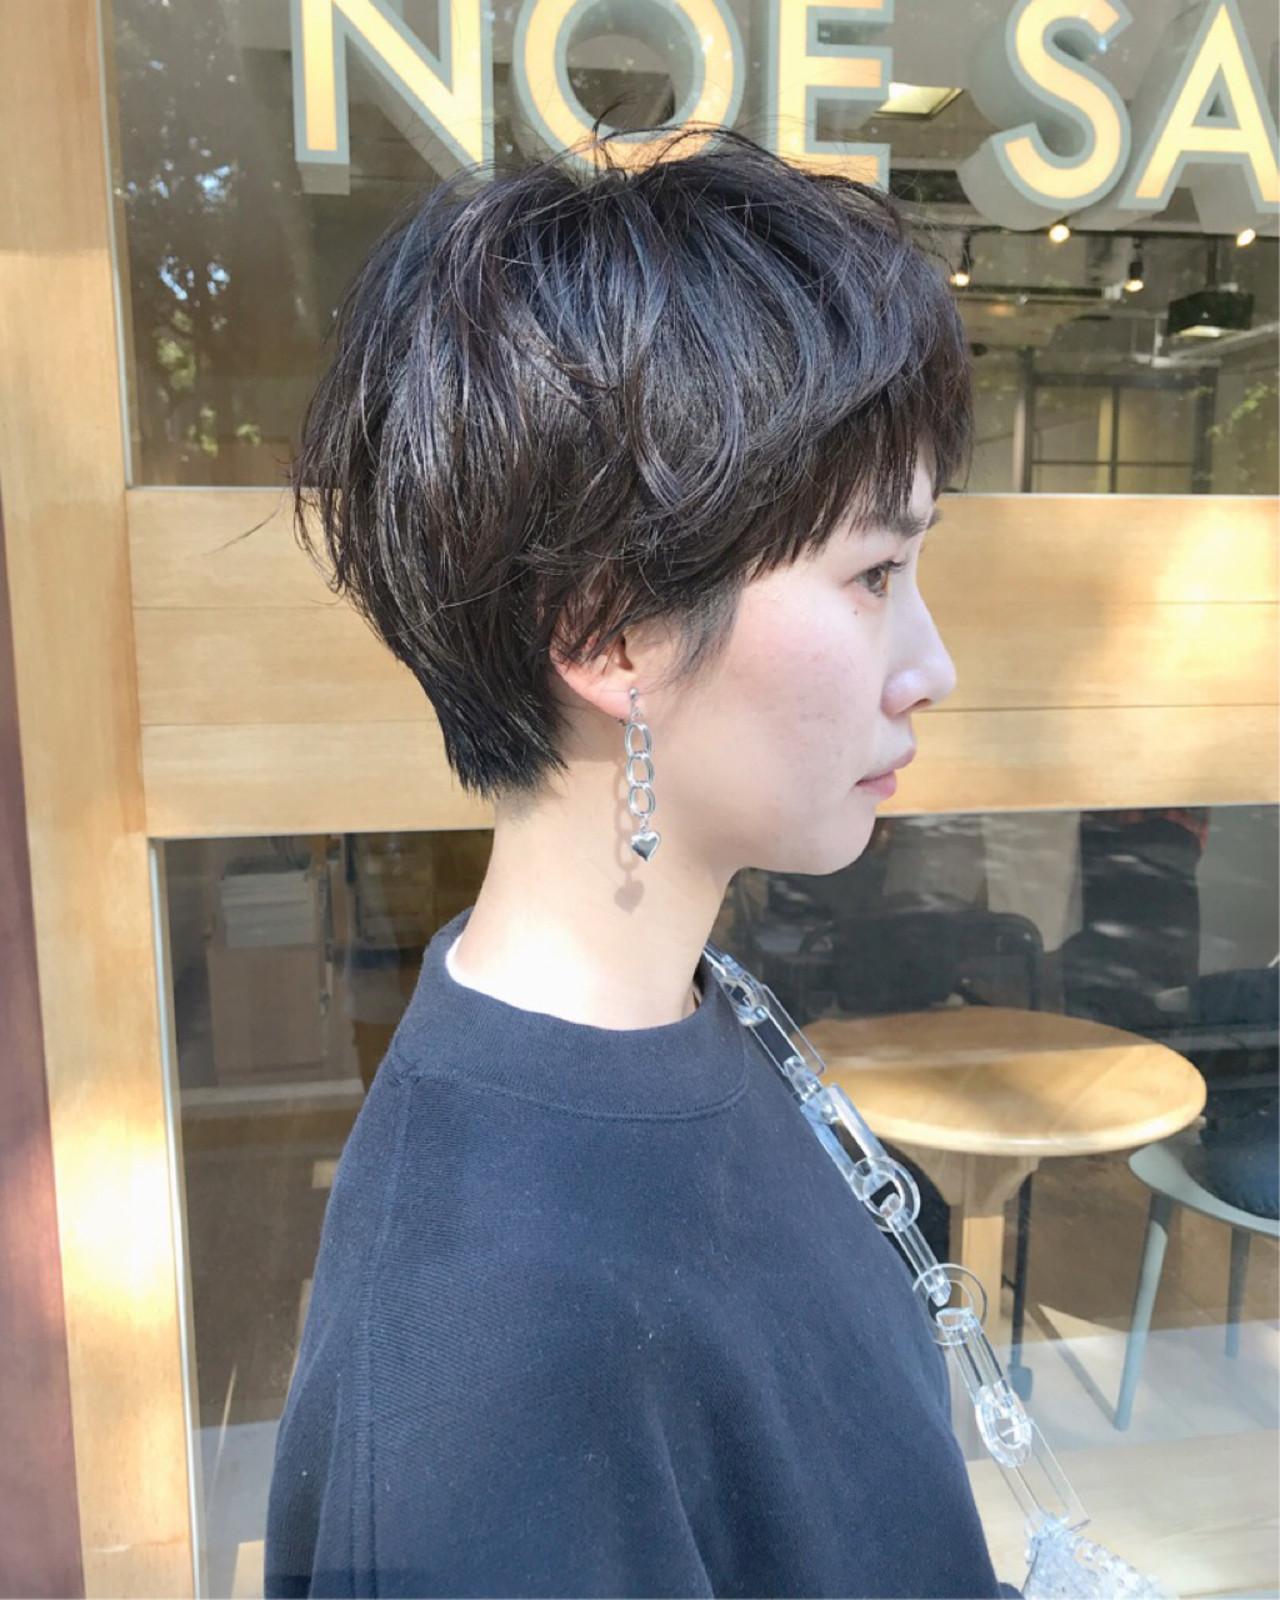 ナチュラル マッシュ 大人女子 外国人風 ヘアスタイルや髪型の写真・画像